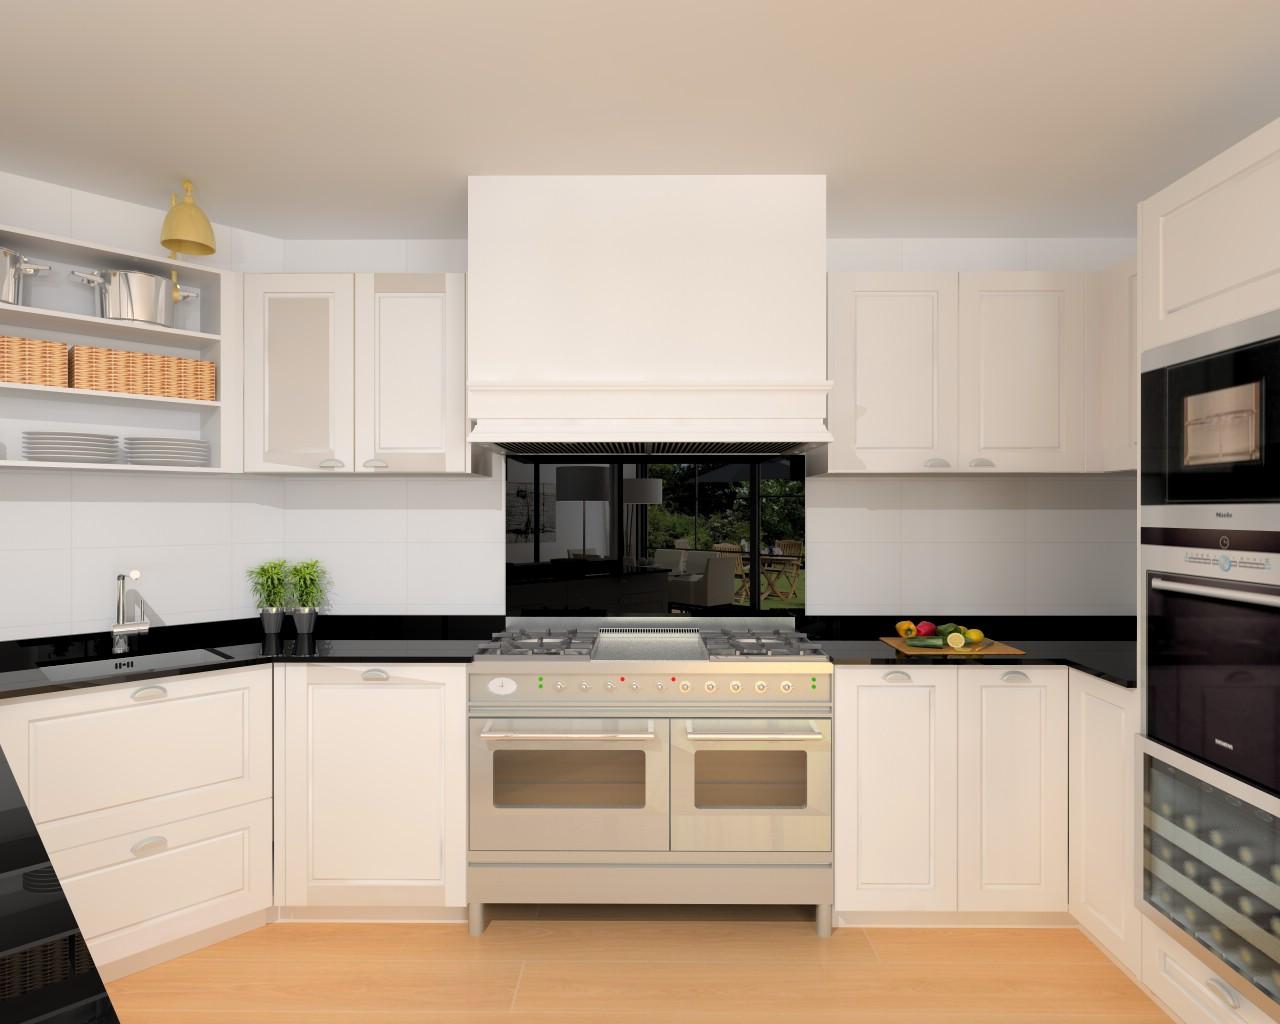 Madrid cocina santos modelo epoca encimera granito - Docrys cocinas ...